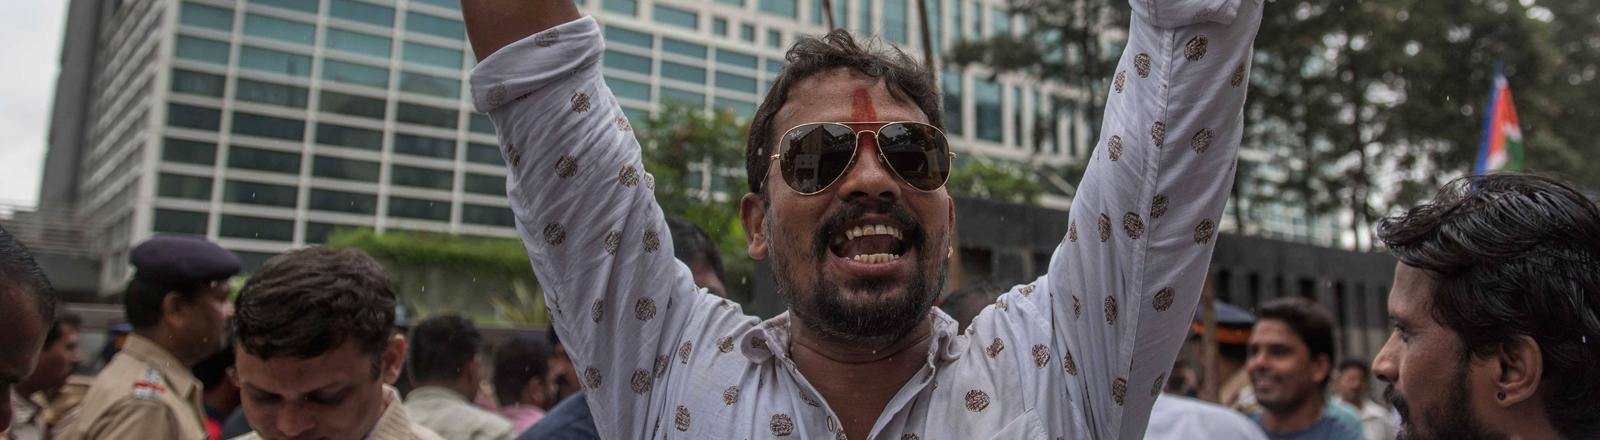 Proteste gegen Karan Johar